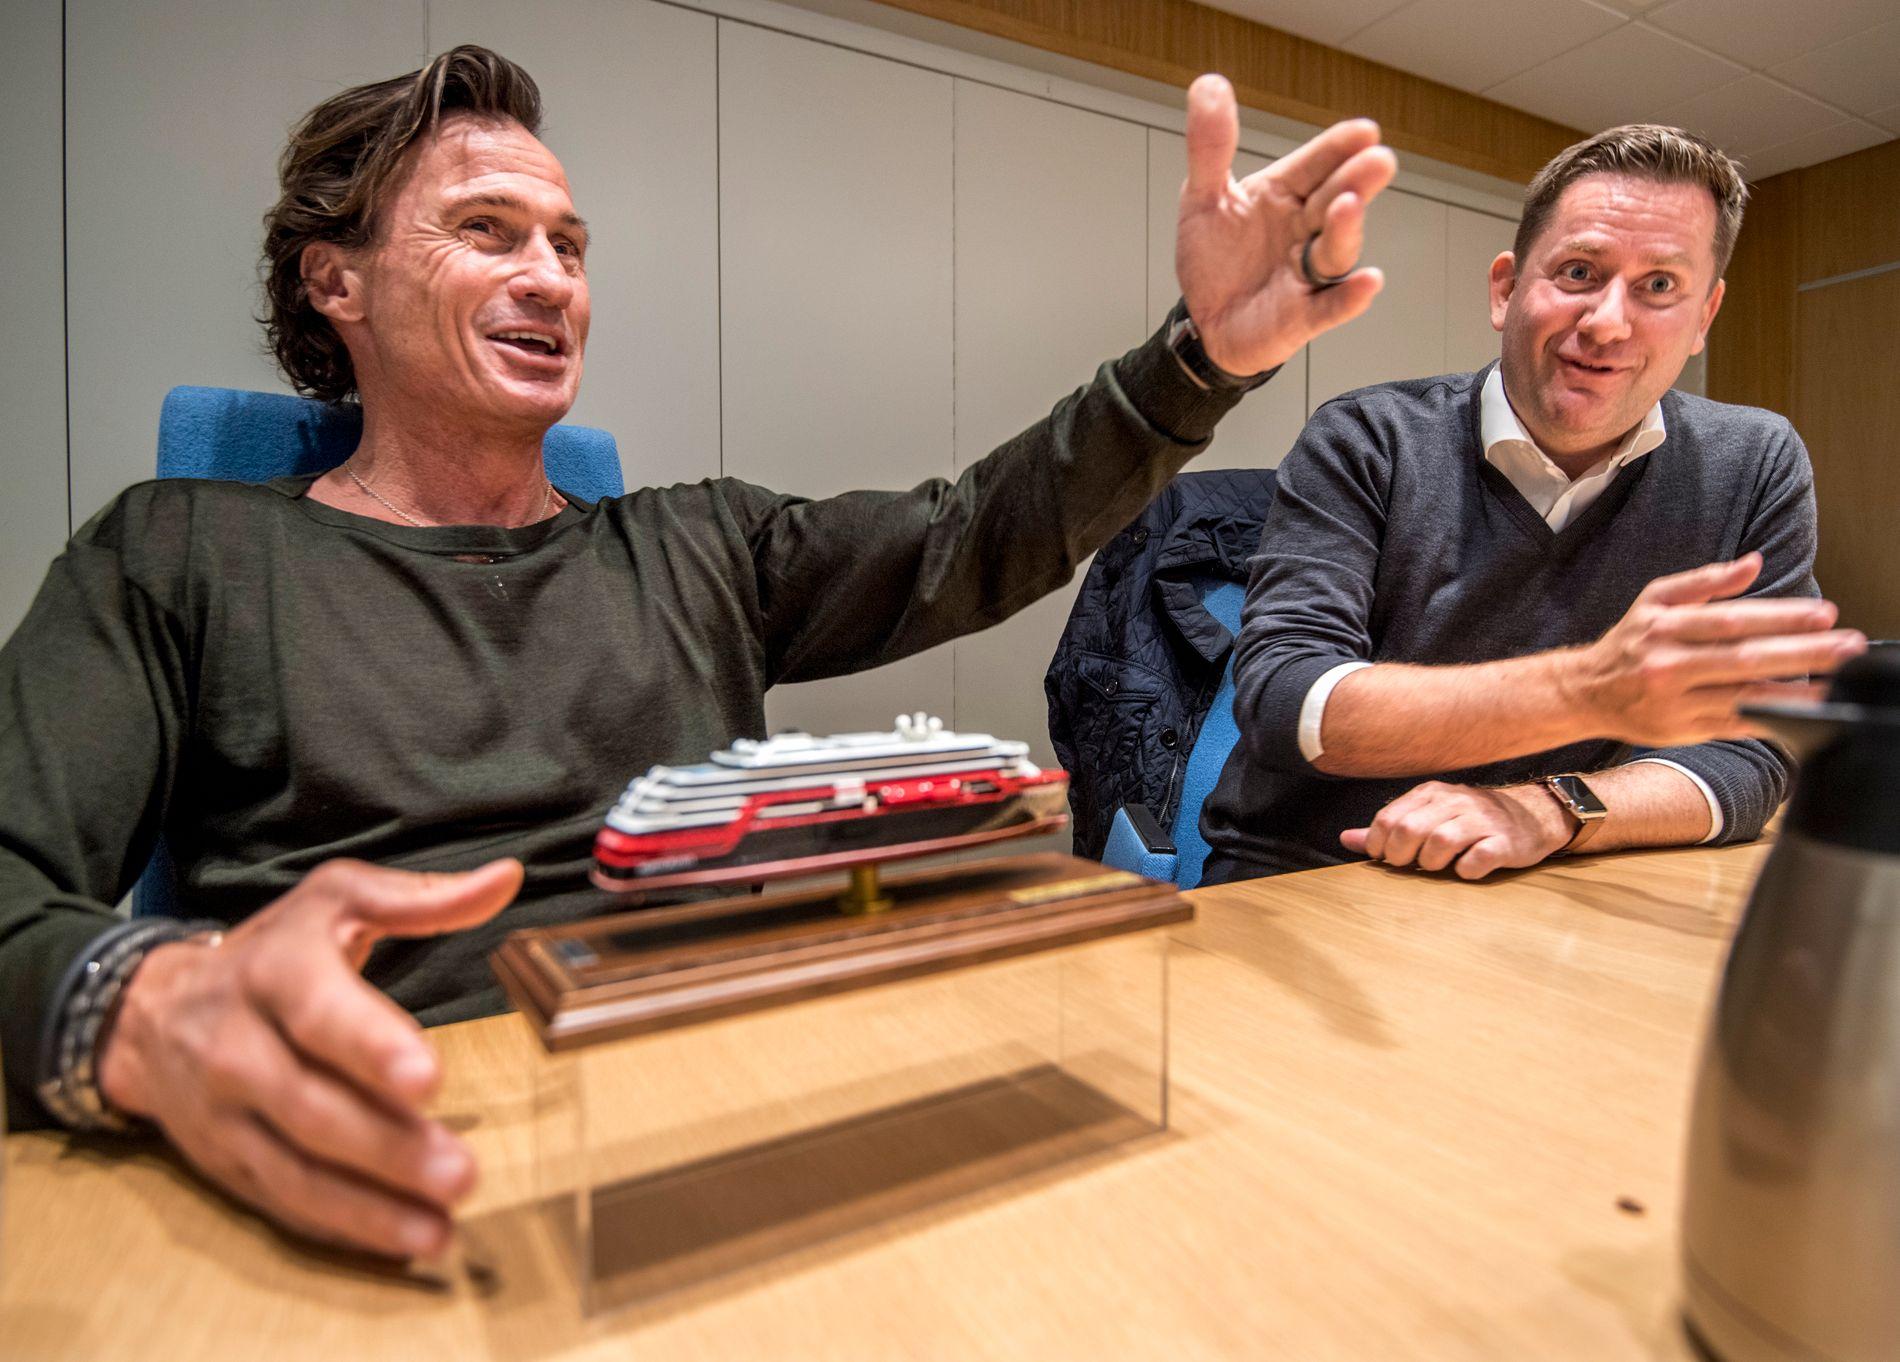 GOD STEMNING: Hurtigruten-sjef Daniel Skjeldam og Petter Stordalen på Kleven verft, med en modell av hurtigruteskipet «MS Roald Amundsen».